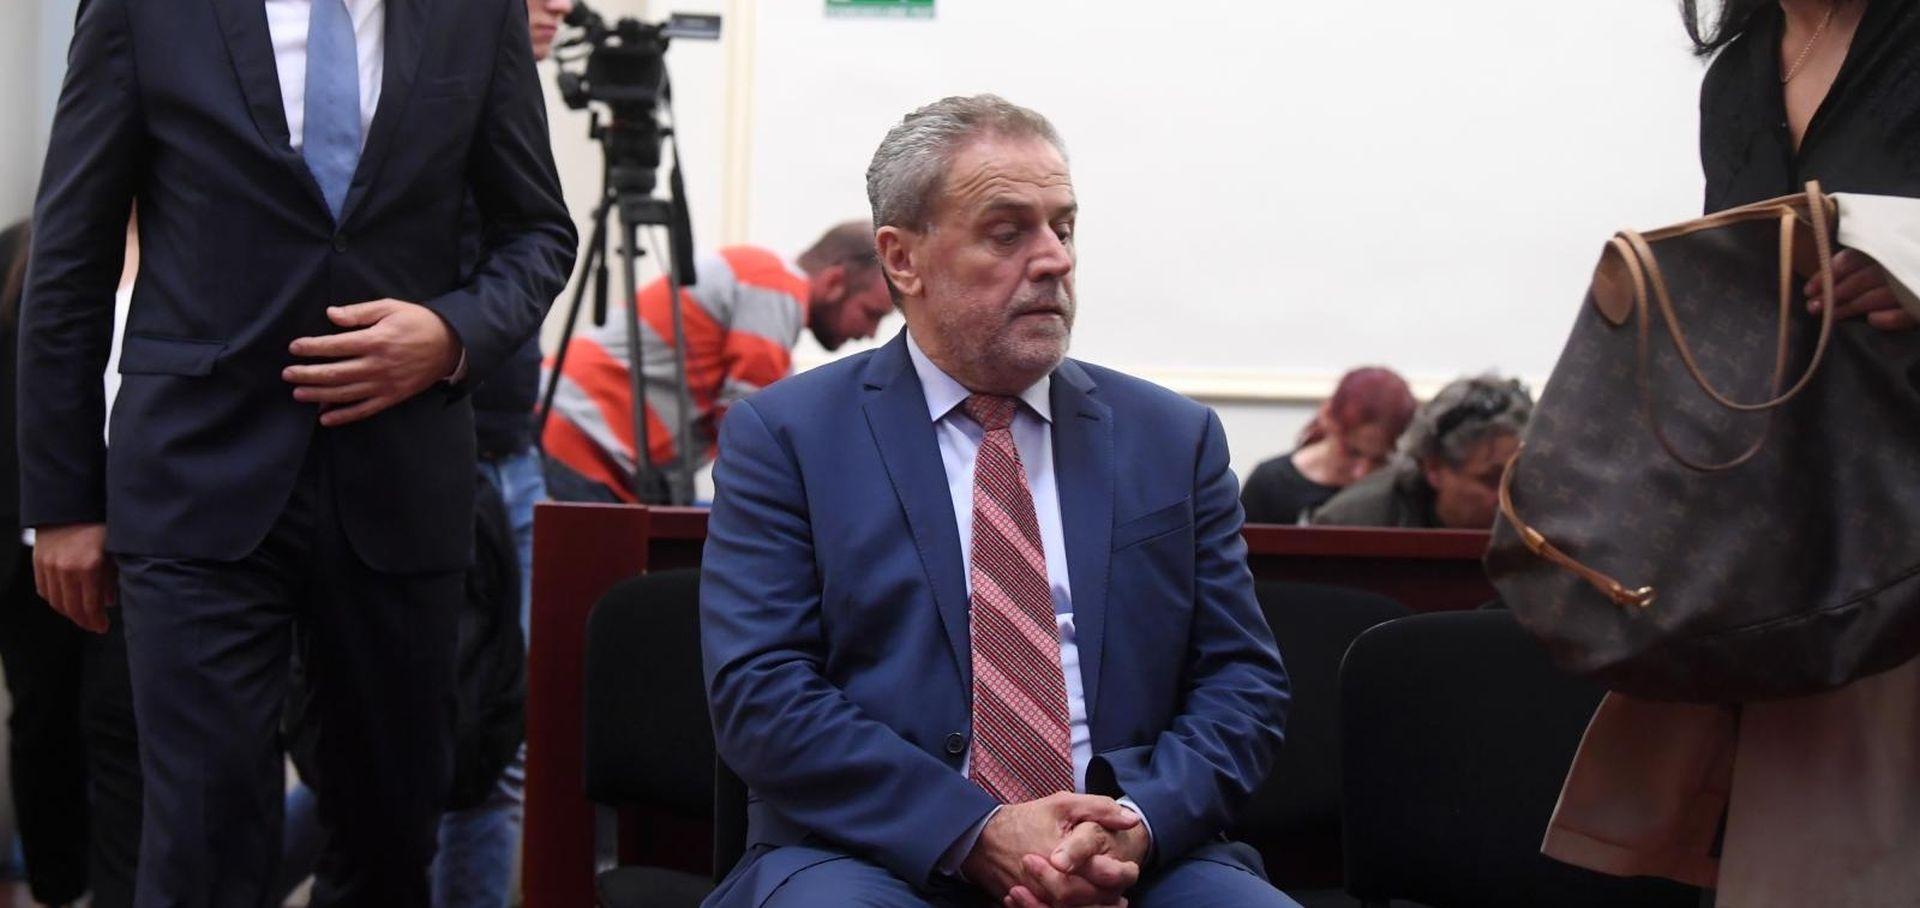 AFERA ŠTANDOVI Sud nepravomoćno oslobodio Milana Bandića